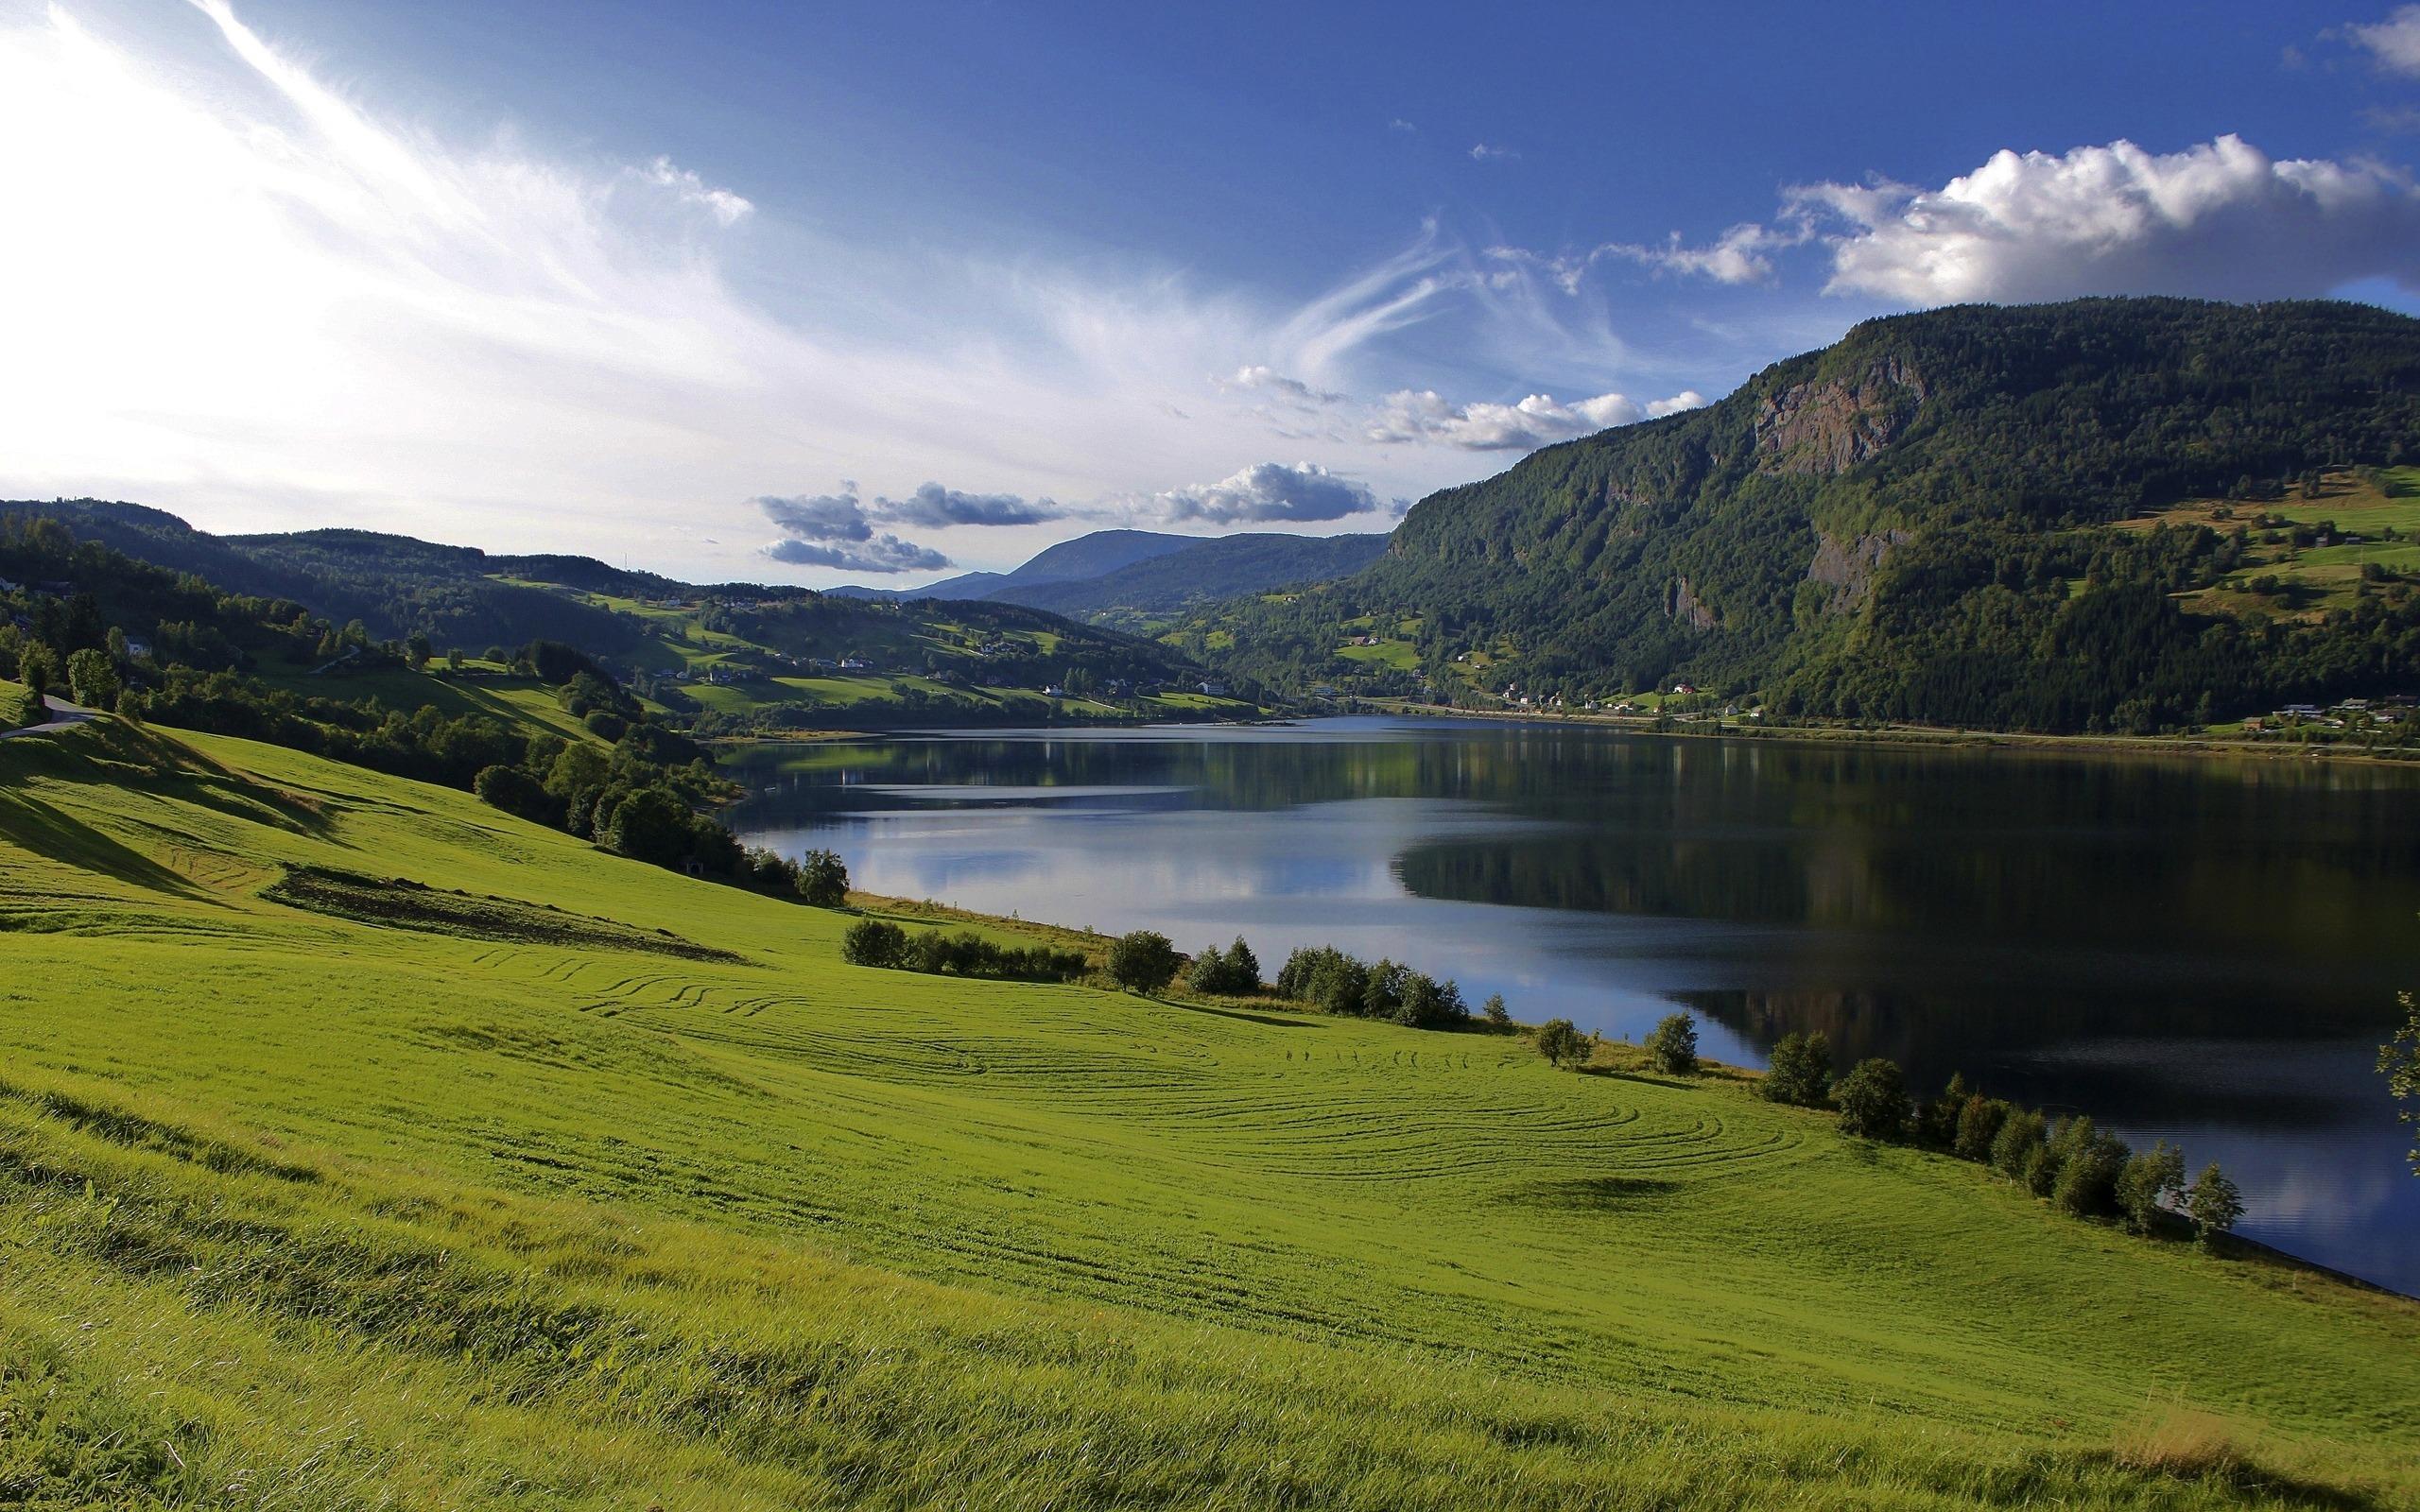 Природа пейзаж лето озеро вода поля